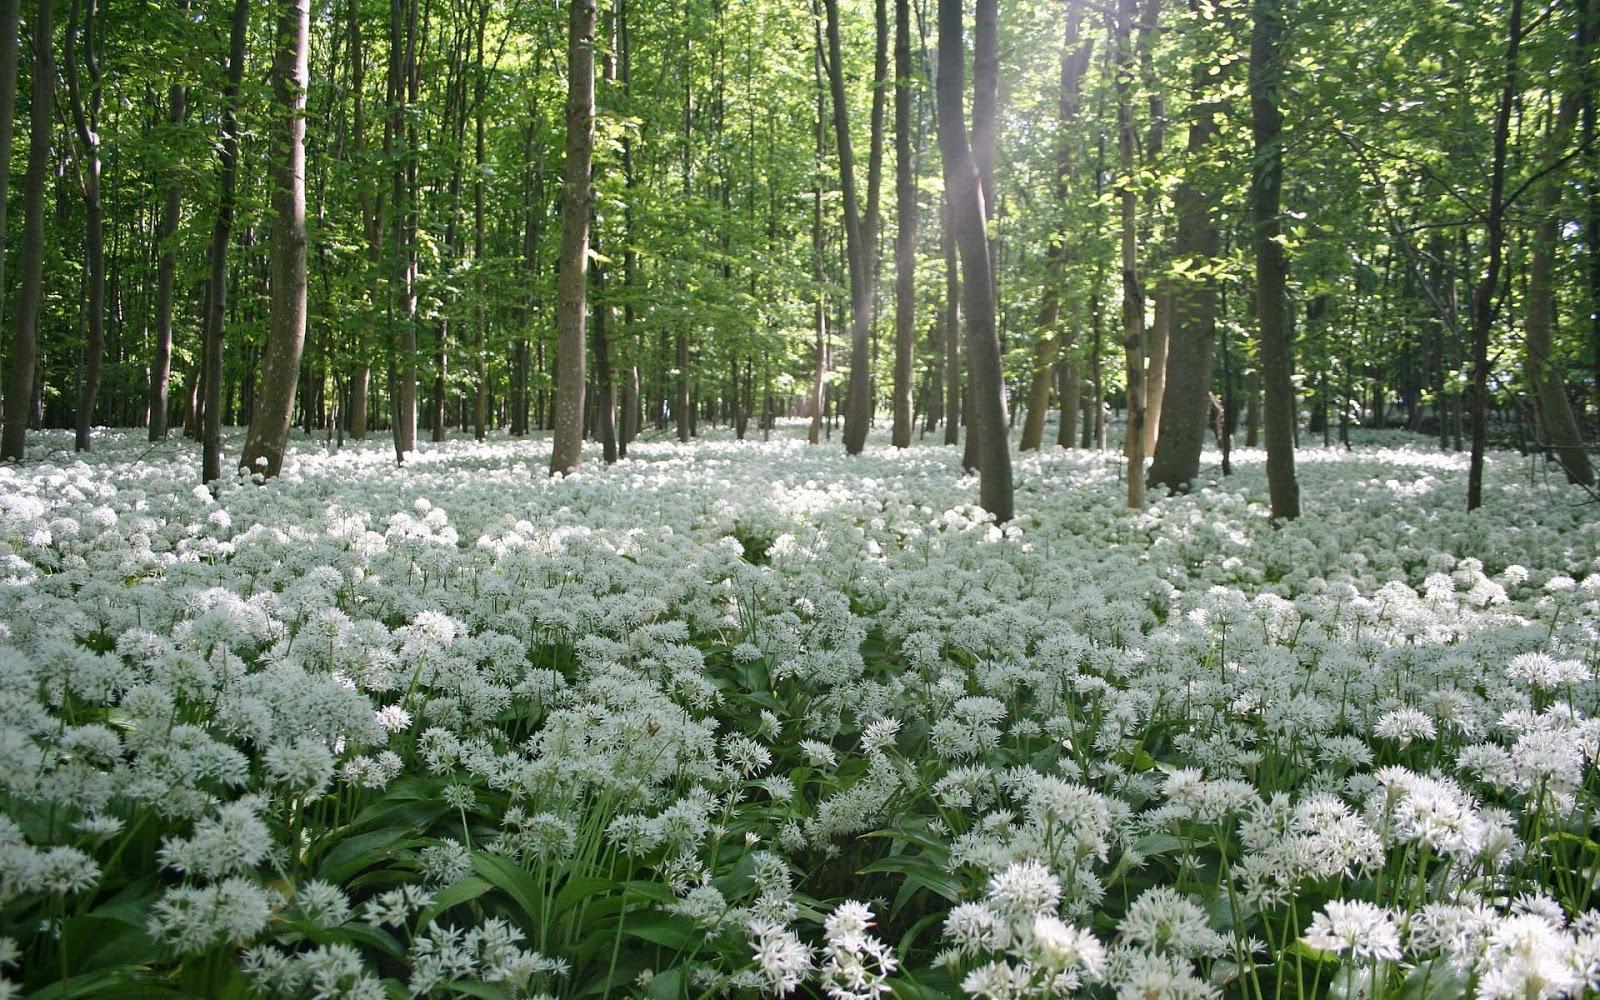 Foto van de lente in het bos met witte bloemen op de grond